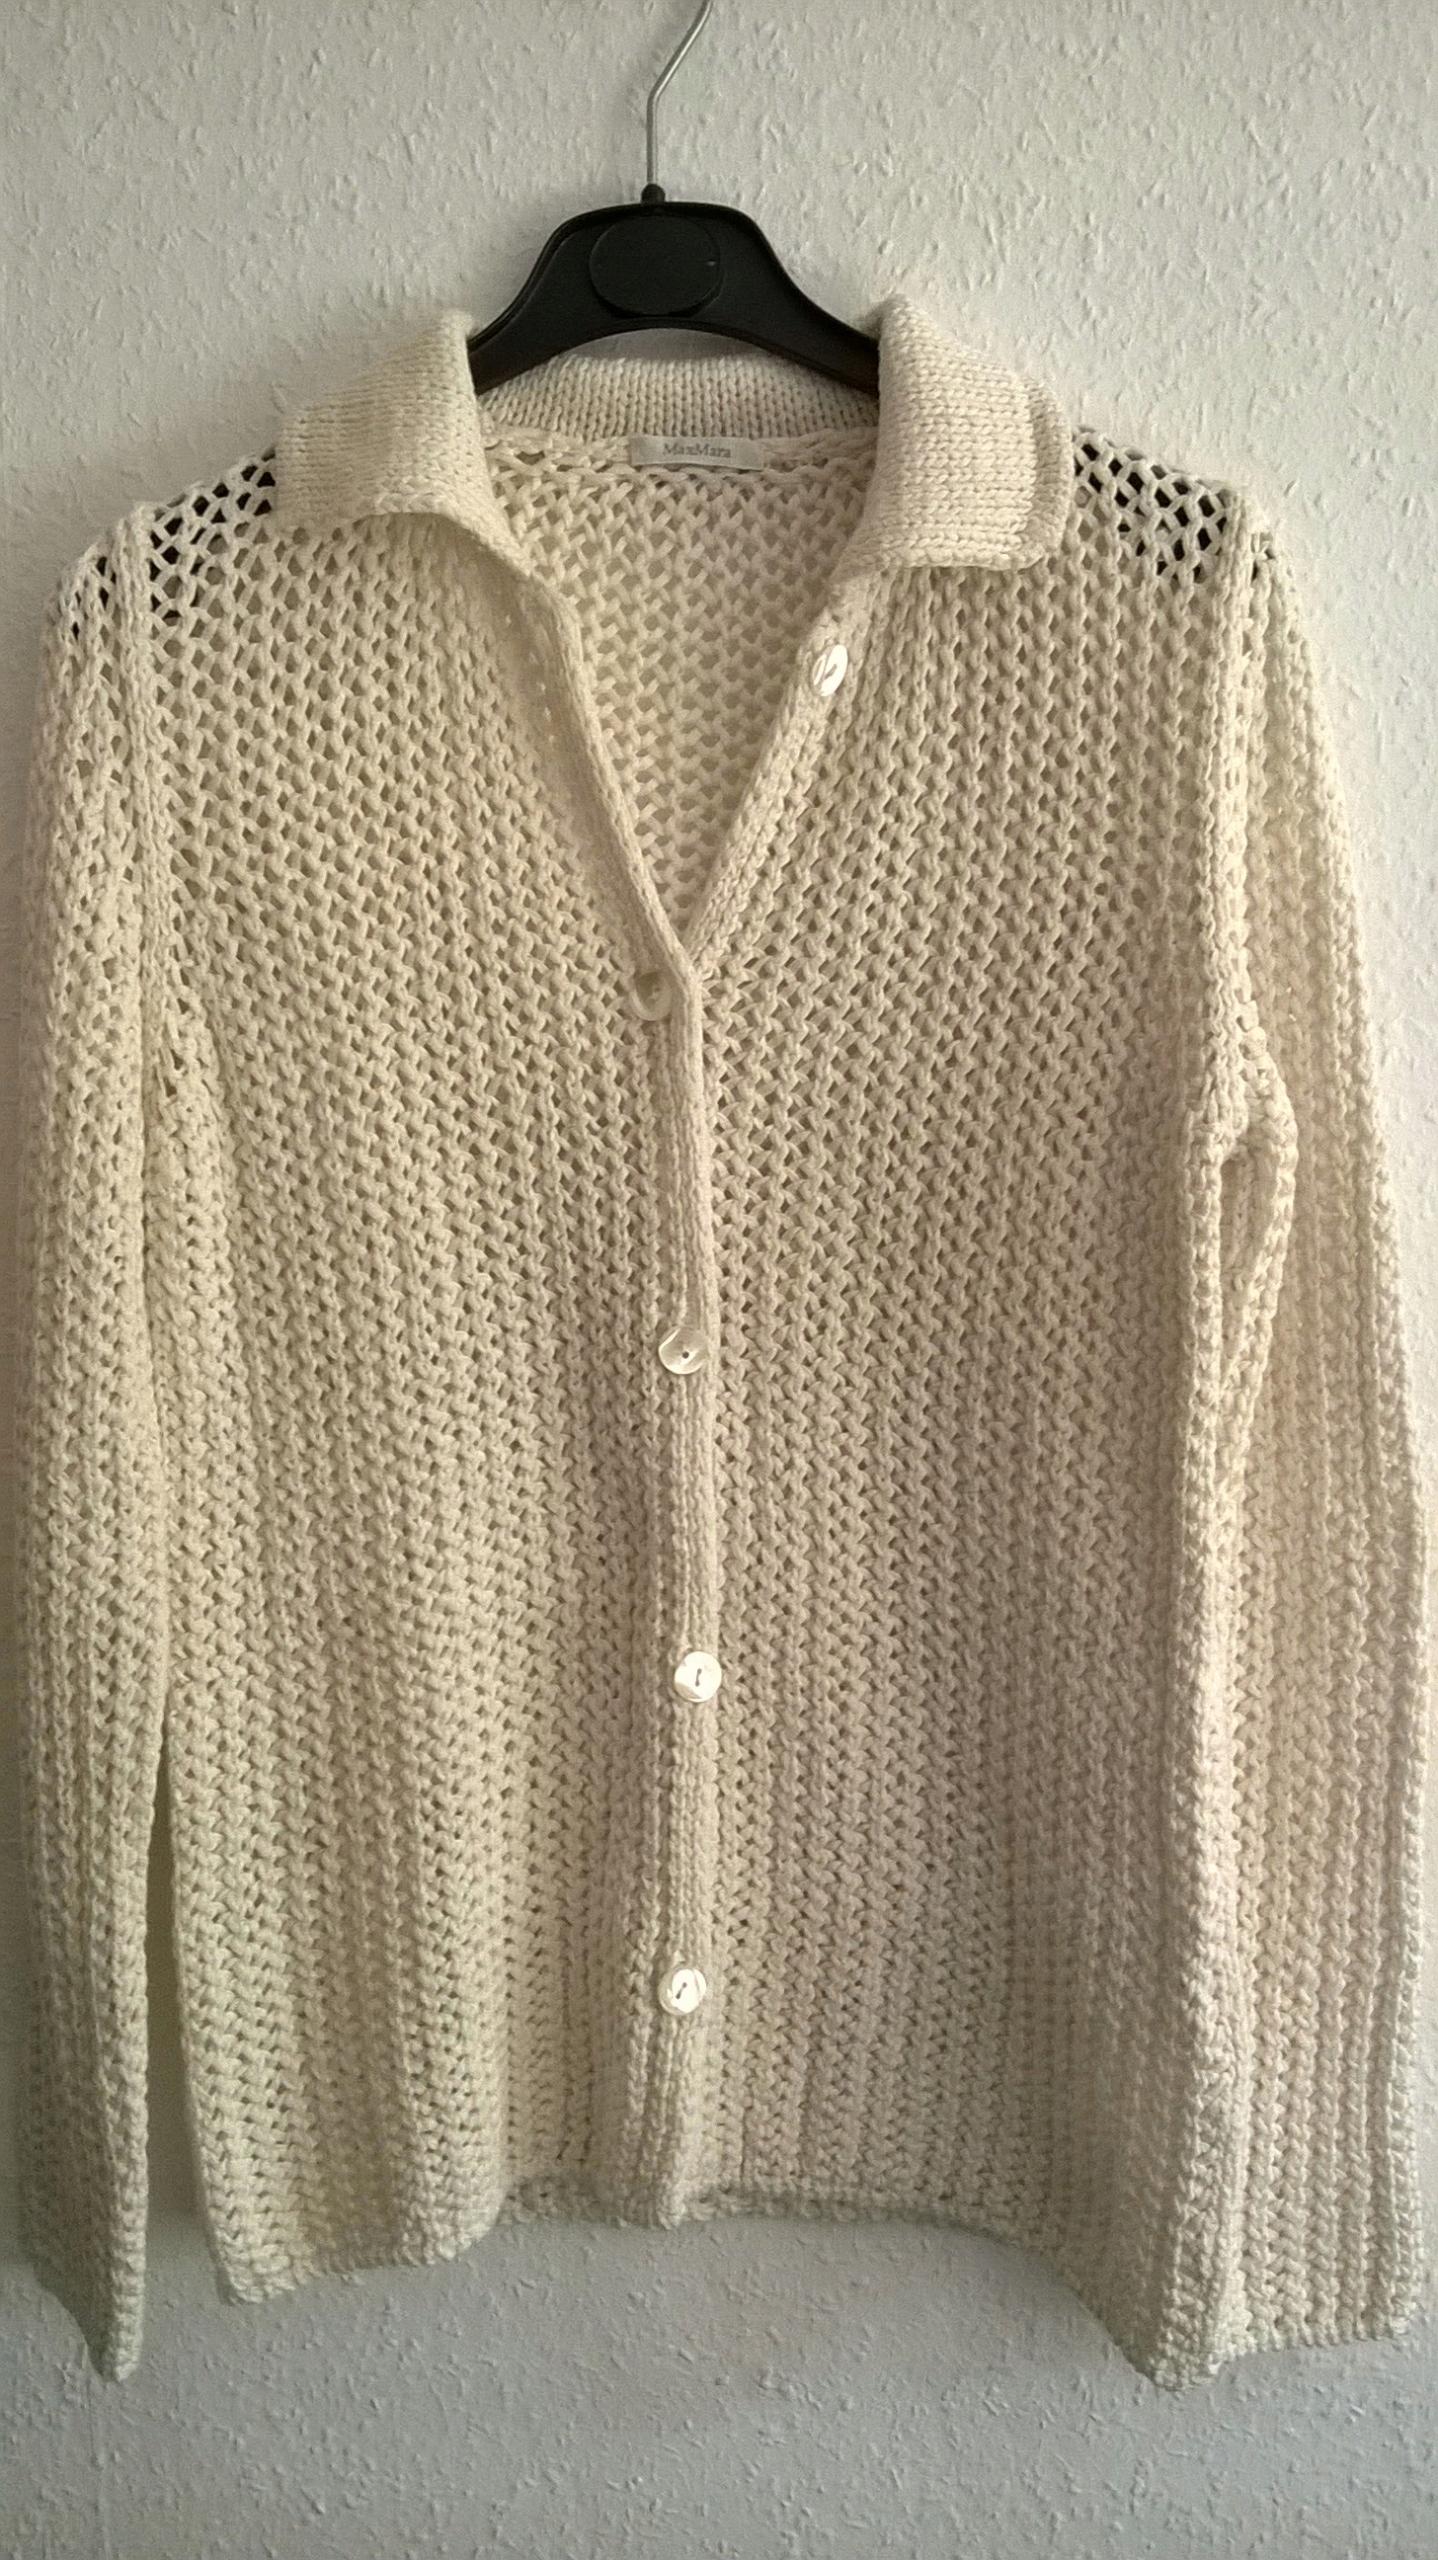 MaxMara - sweter - bawełna - roz.S Max Mara